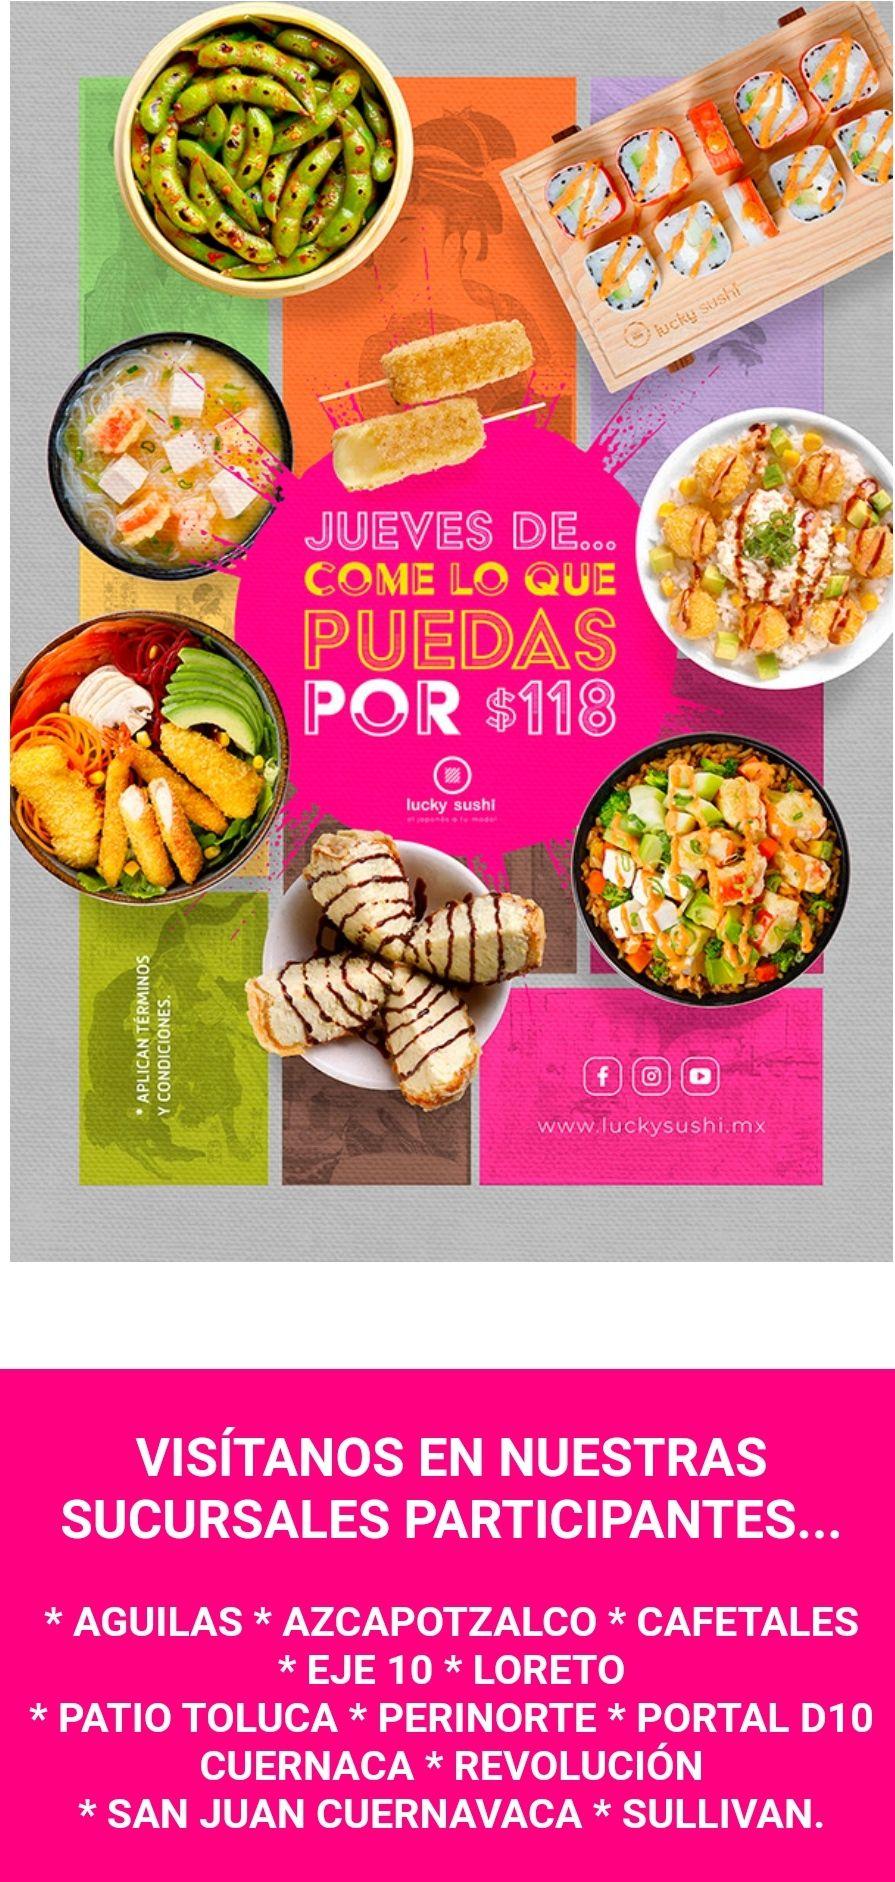 Lucky Sushi: jueves de todo lo que puedas comer por $118